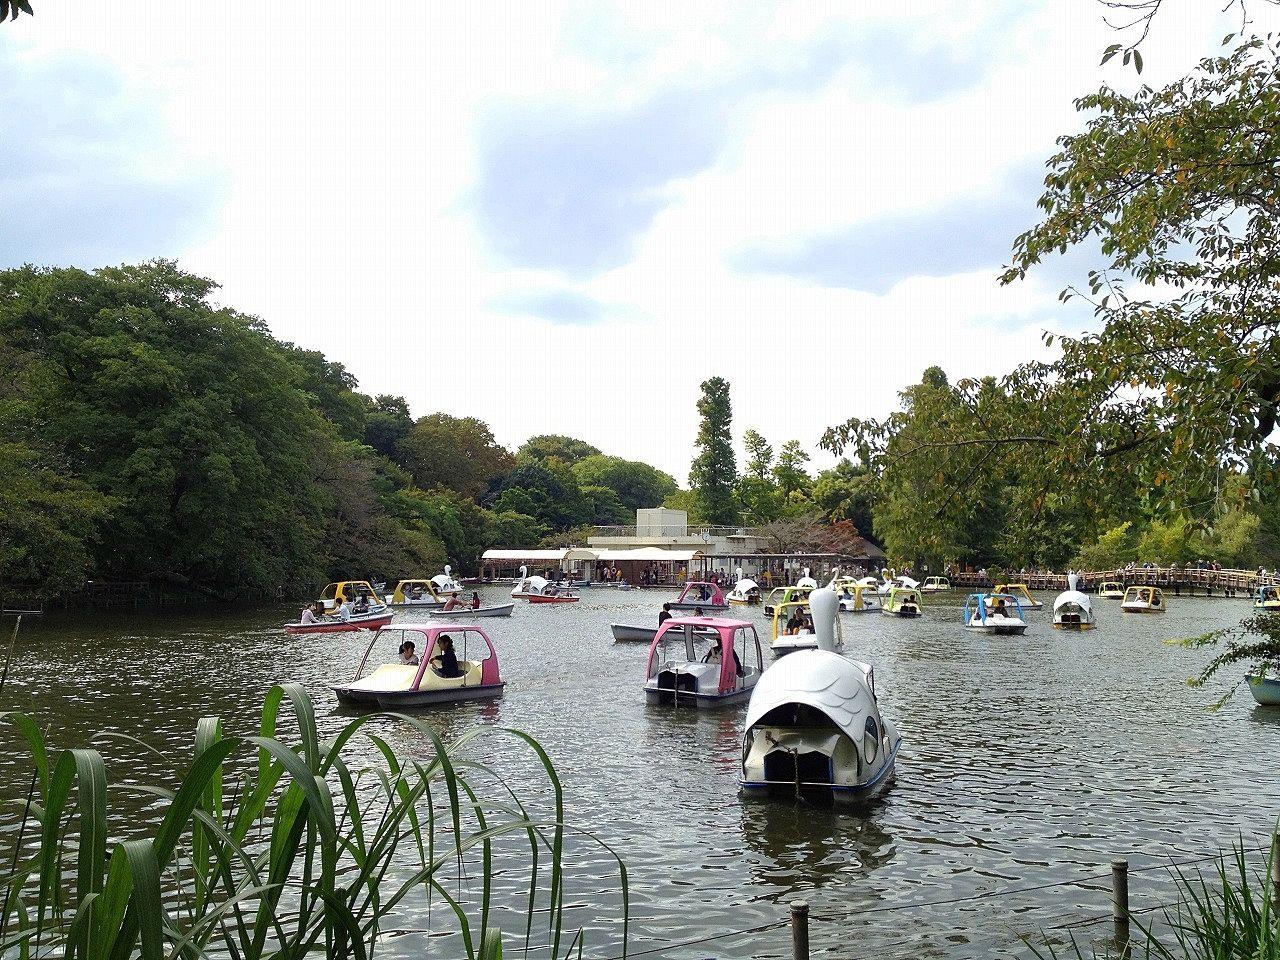 吉祥寺の井之頭公園のボートは600円からです